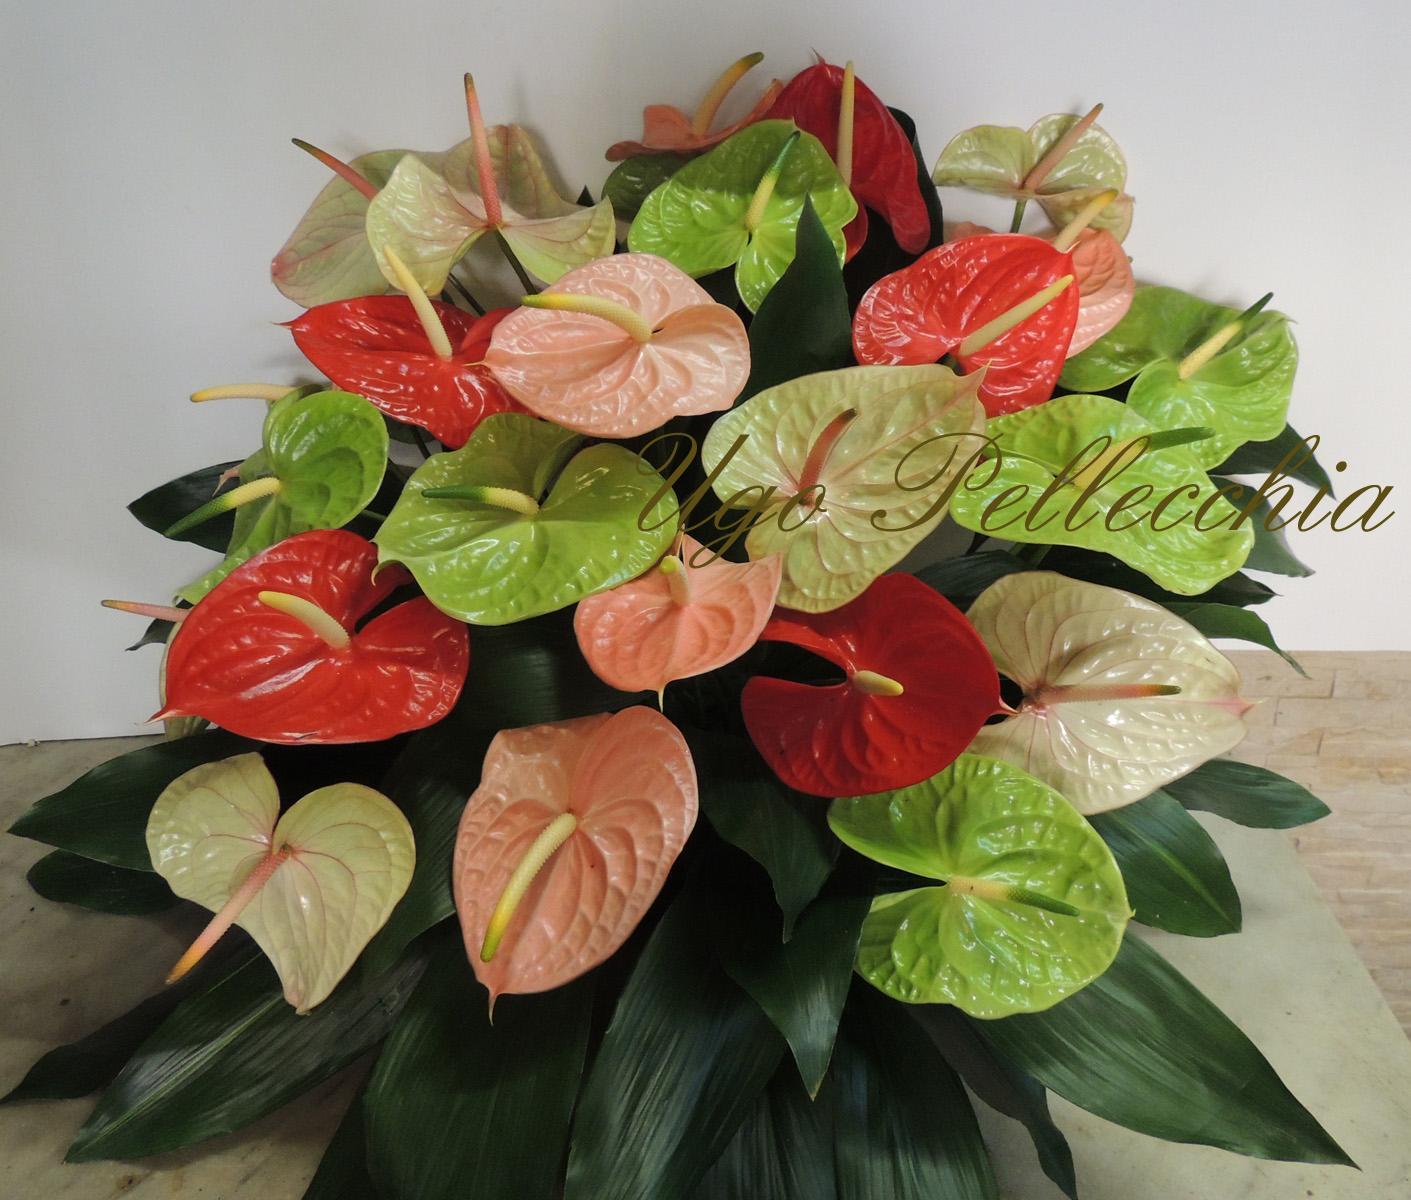 Fiori composizione anthurium for Anthurium rosso